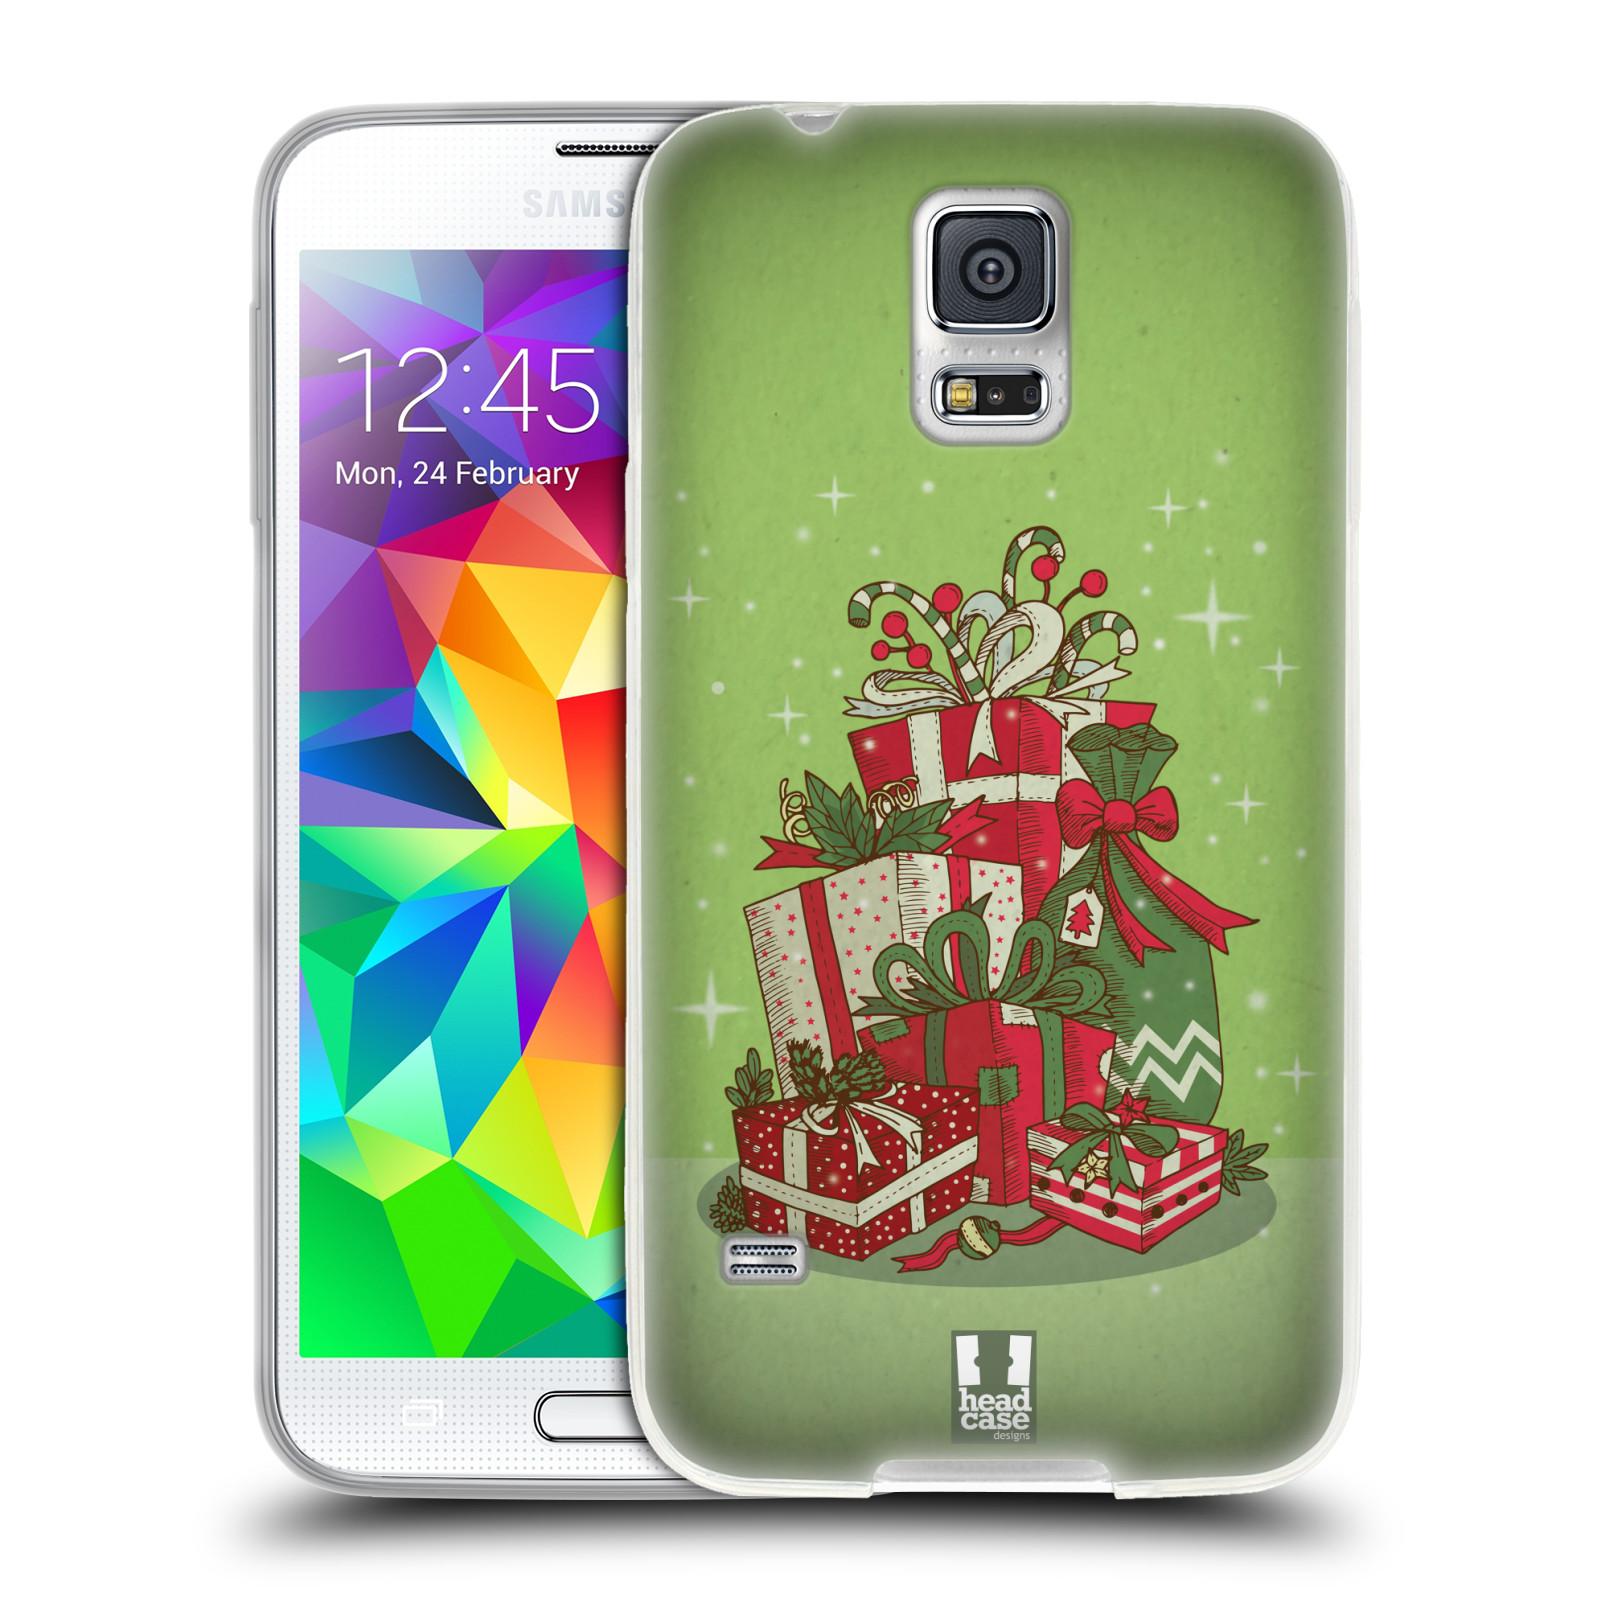 Silikonové pouzdro na mobil Samsung Galaxy S5 Neo - Head Case - Dárečky